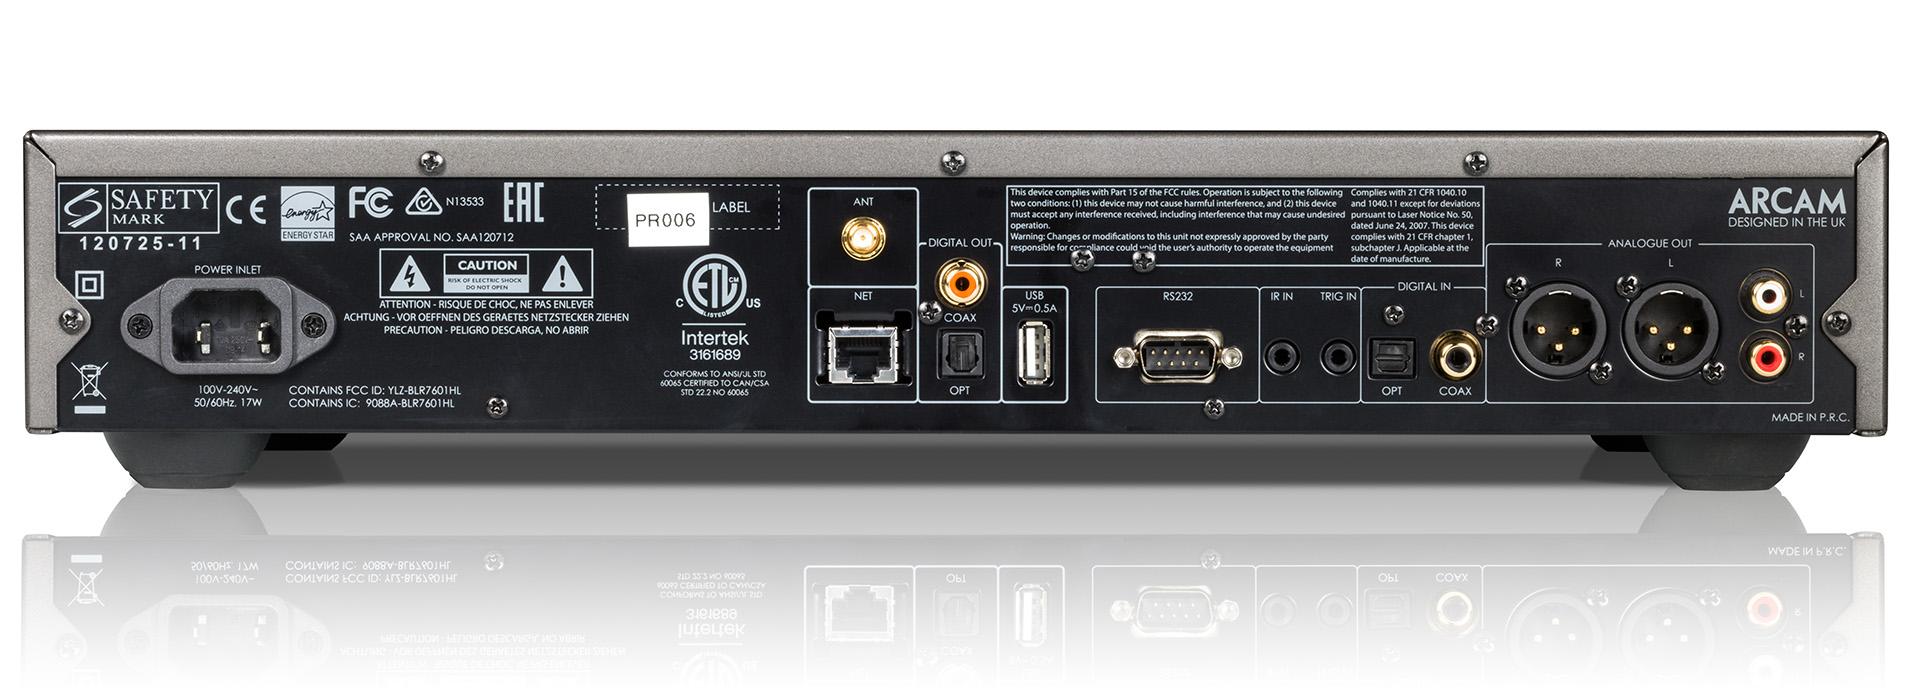 Музыкальная эзотерика: Arcam CDS50 получает приз редакции журнала Hi-Fi News